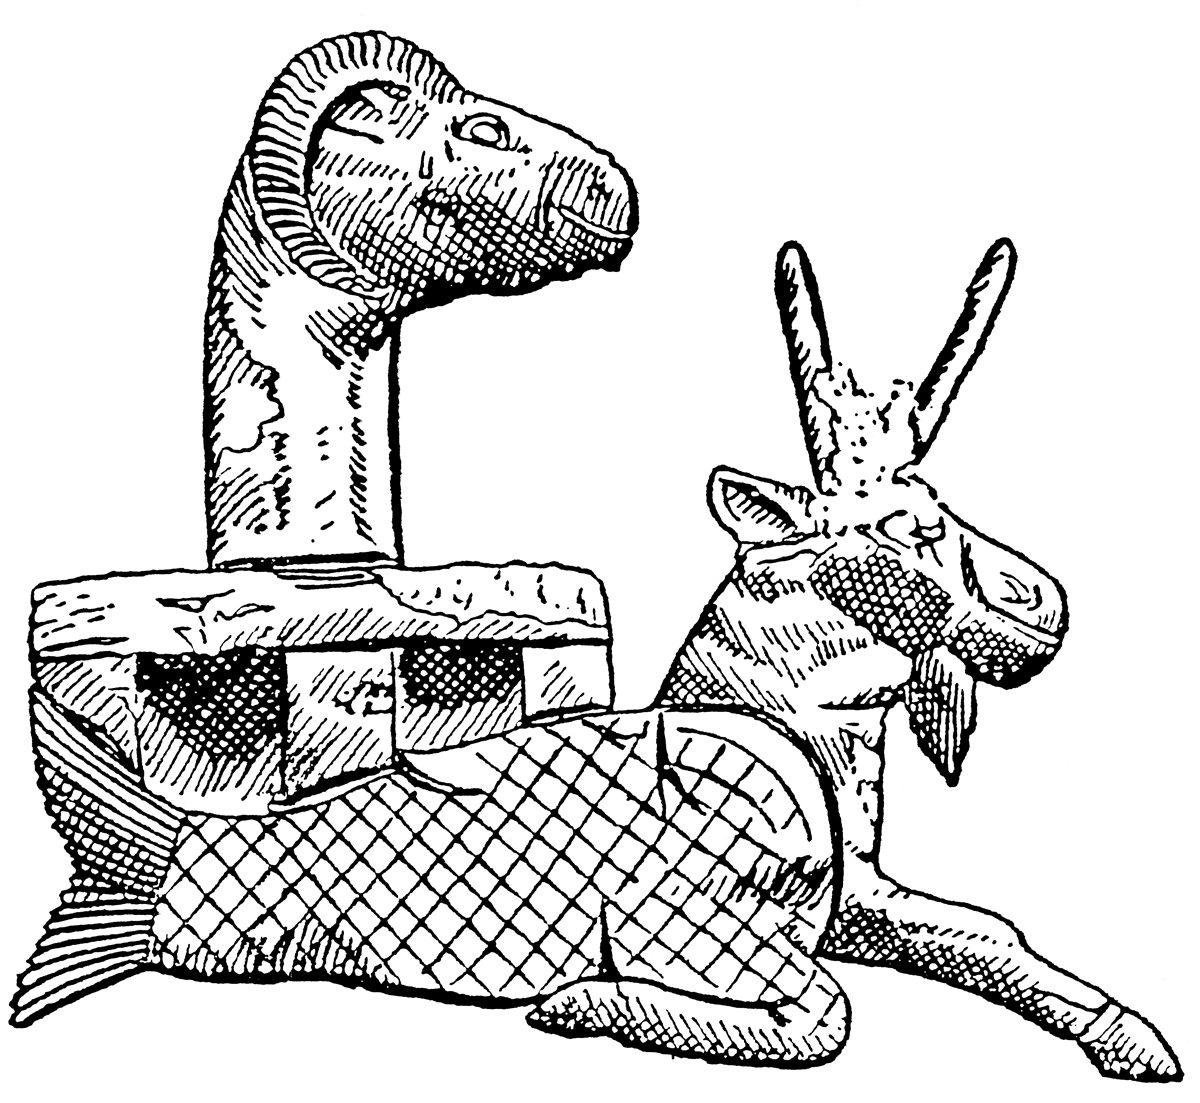 Ziegenfisch in mesopotamischer Darstellung